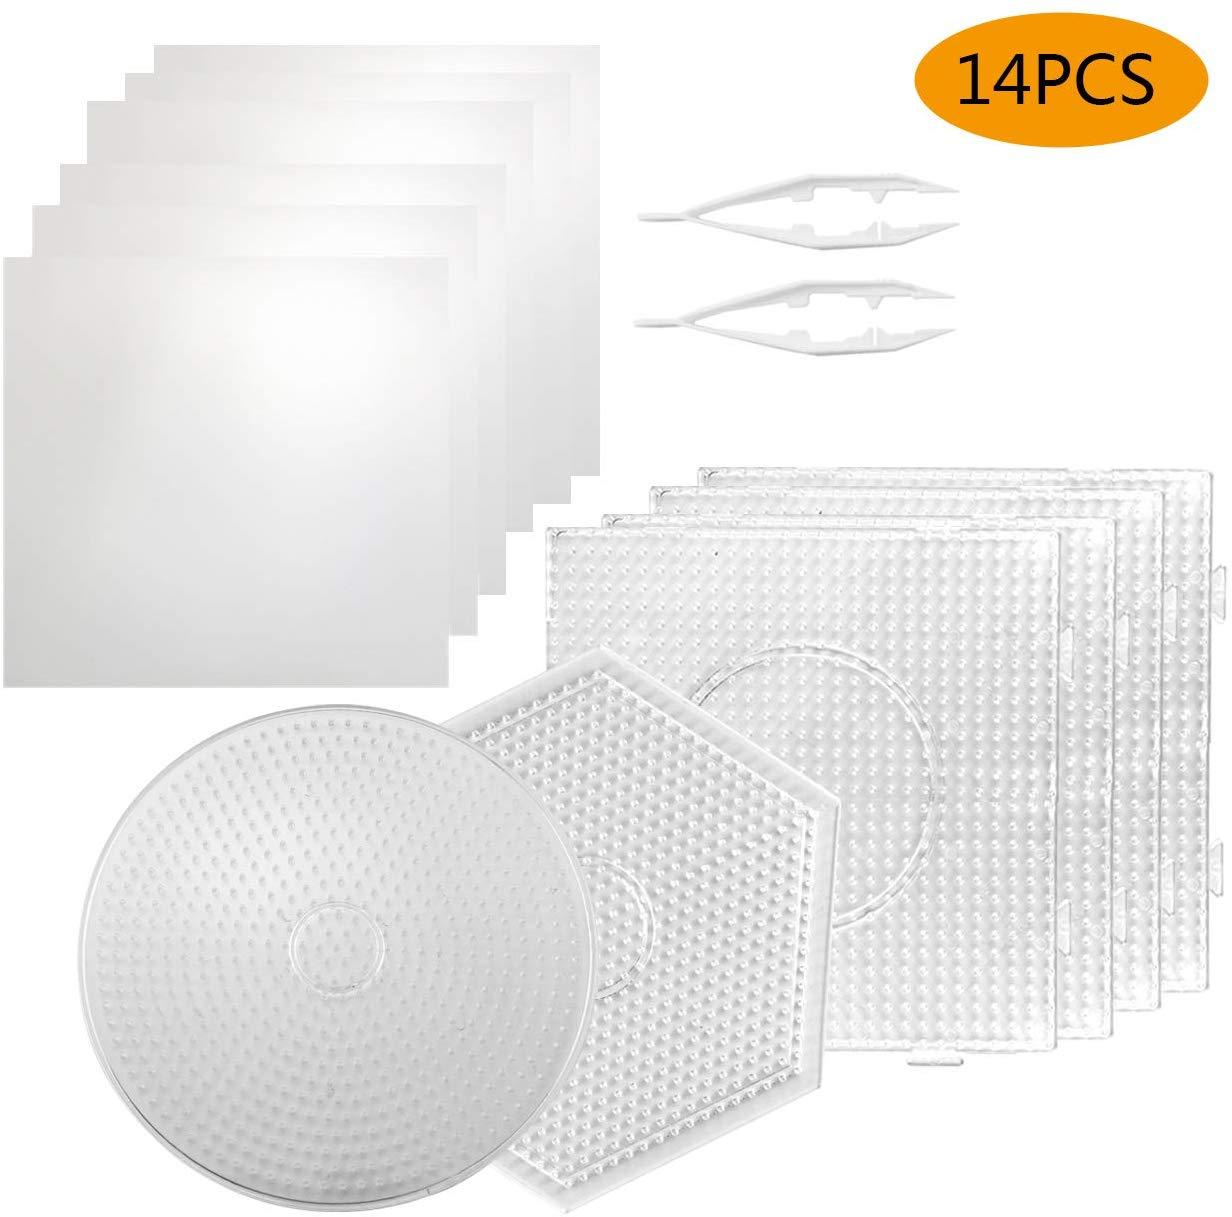 JINLETONG 6 шт., плавкие бусины, 5 мм, пластиковые плавкие шарики, шаблоны с 6 глажками, бумажные 2 пинцета для DIY 3d пазла